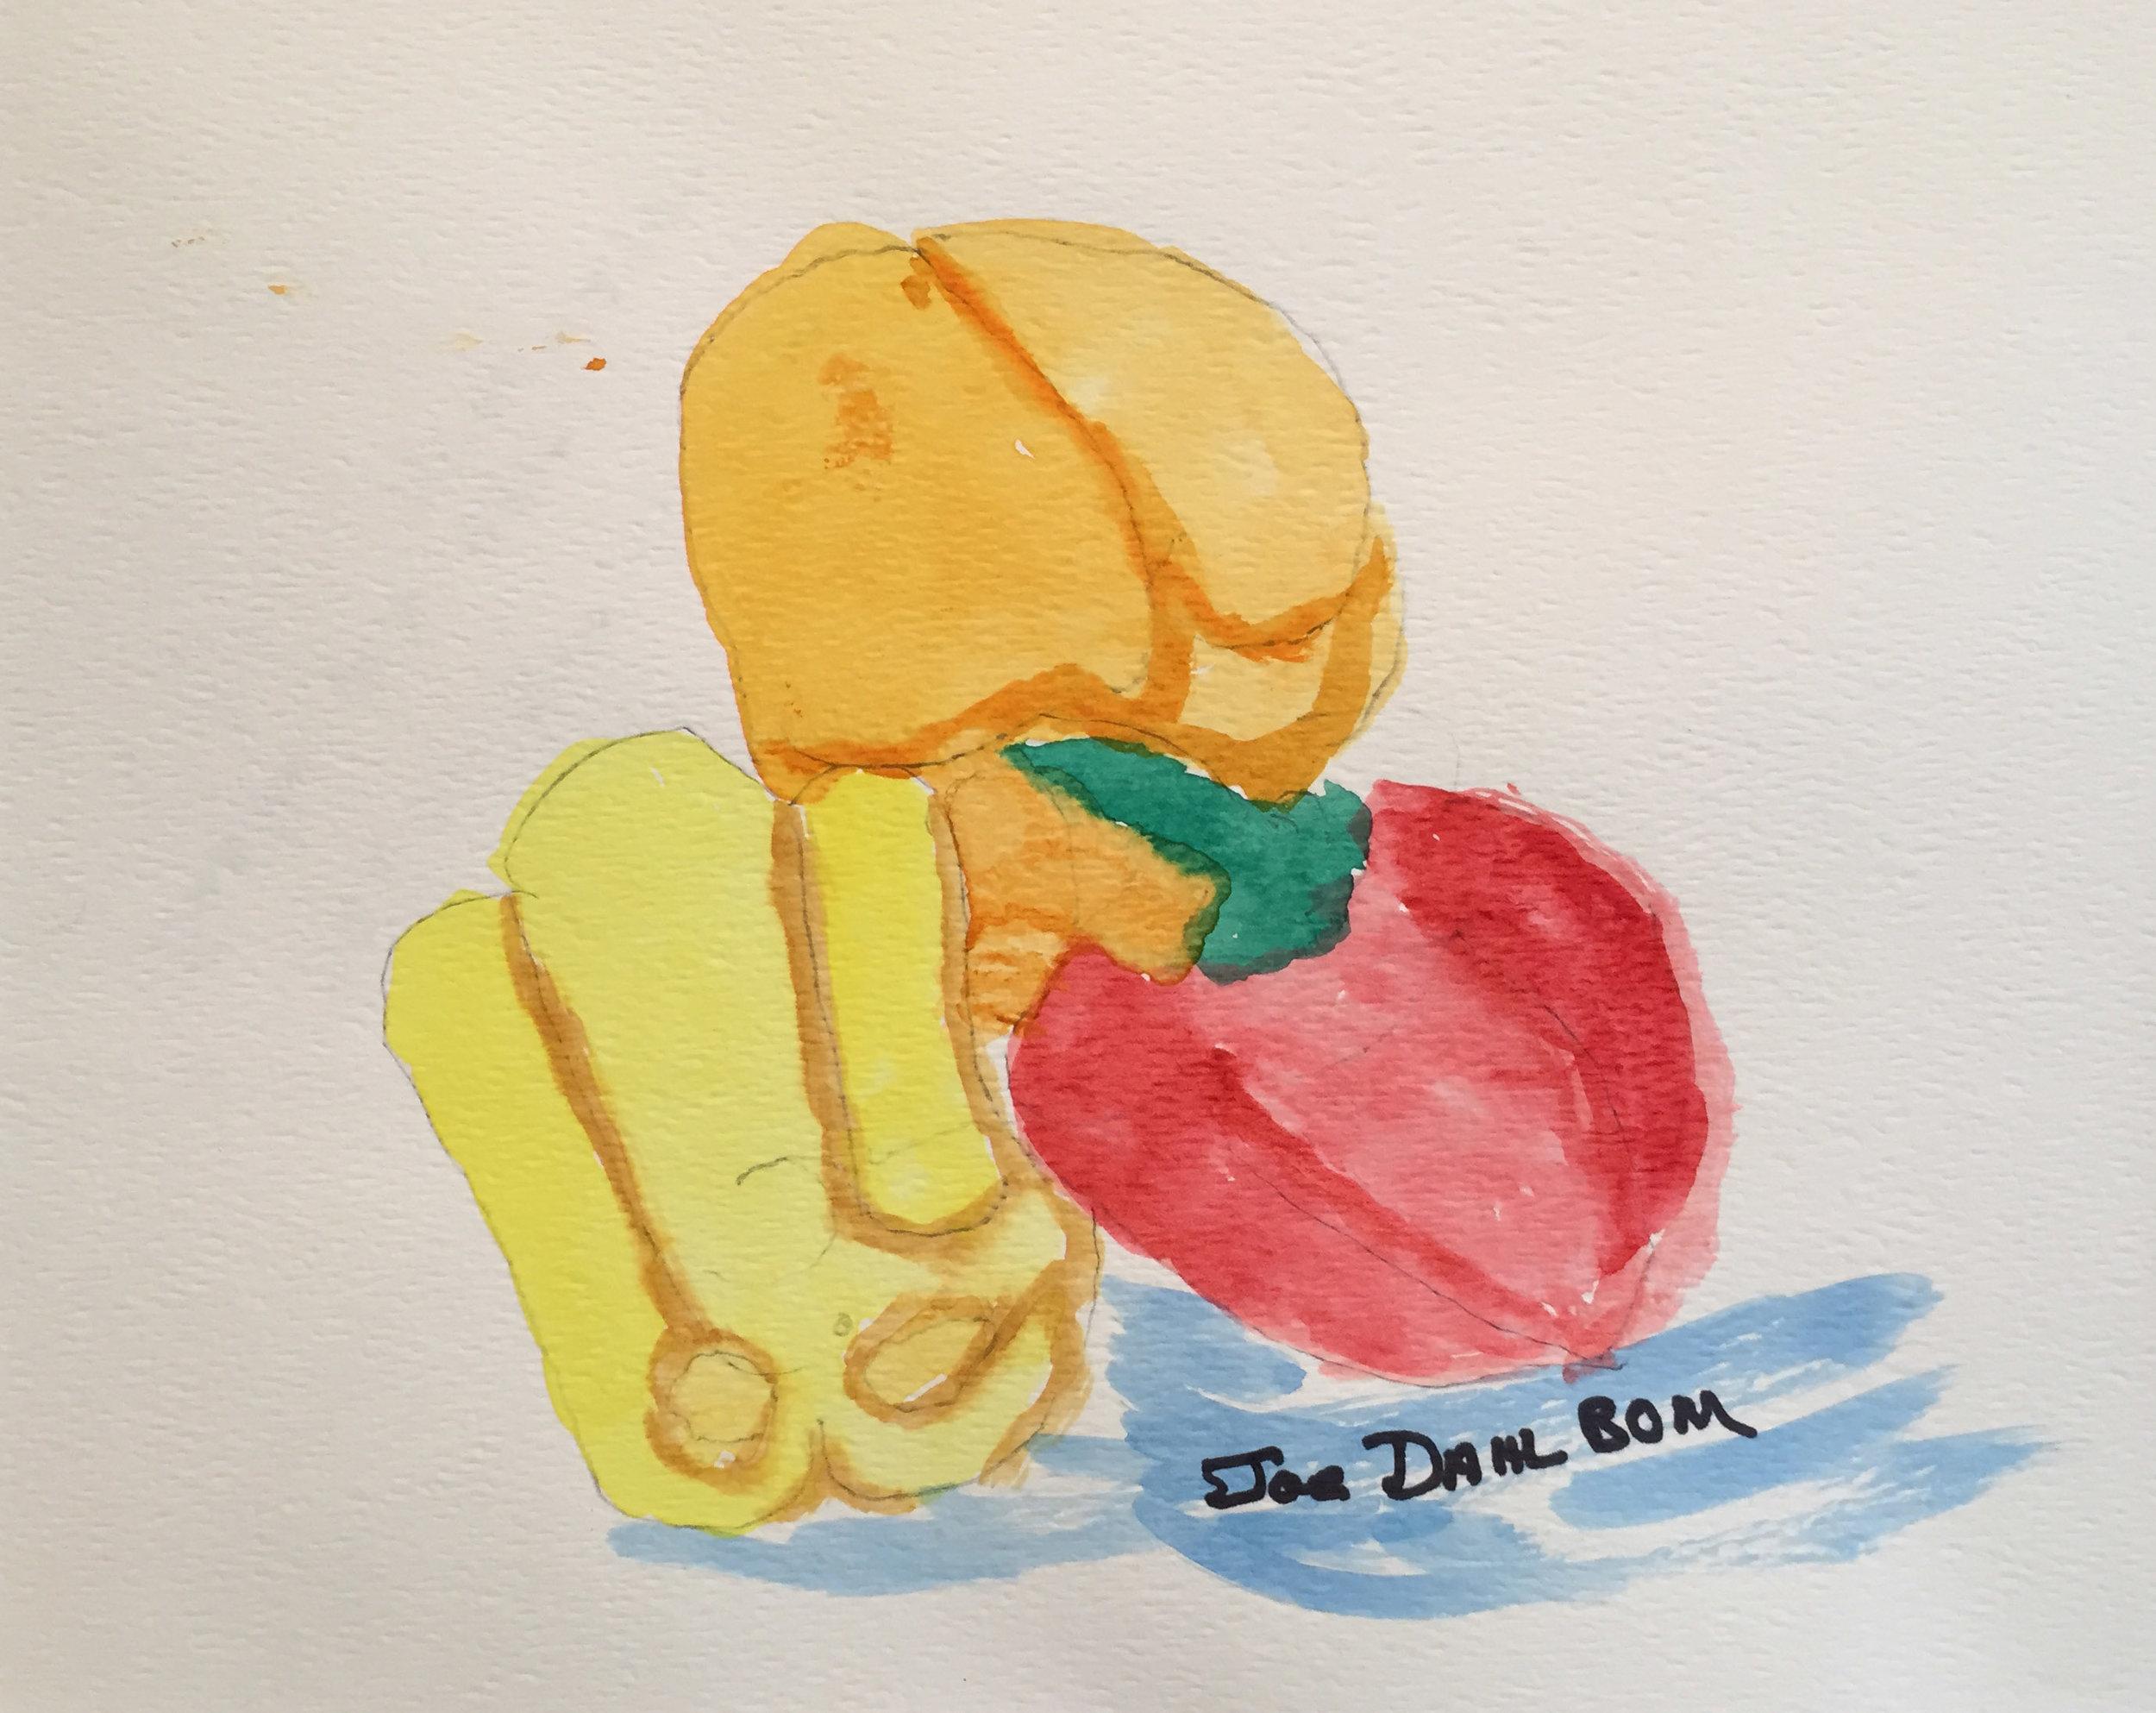 Colored Peppers Joe Dahlbom.JPG